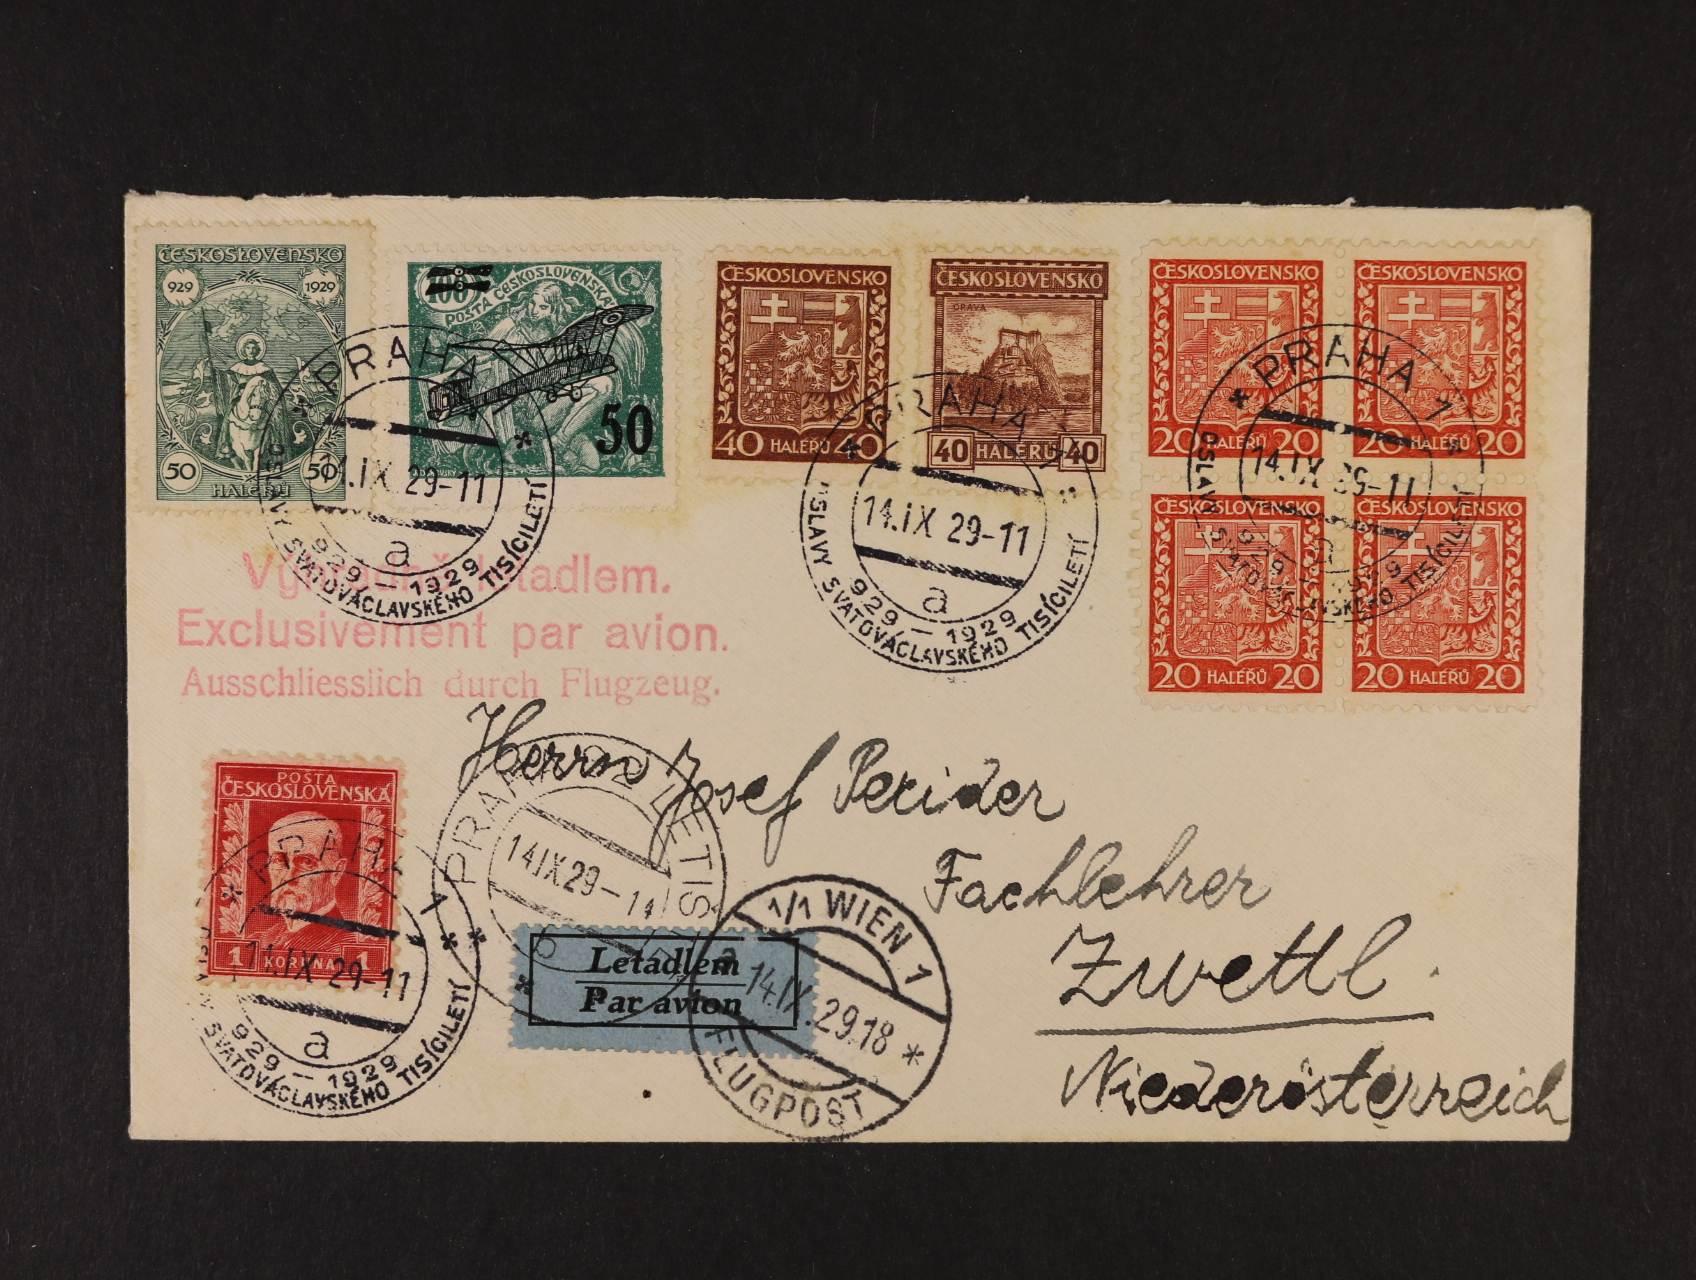 let. dopis do Rakouska frank. výpl. zn. + zn. L č. 4, pod. raz. PRAHA 1 14.9.29, průch. raz. PRAHA LETIŠTĚ, přích. raz.